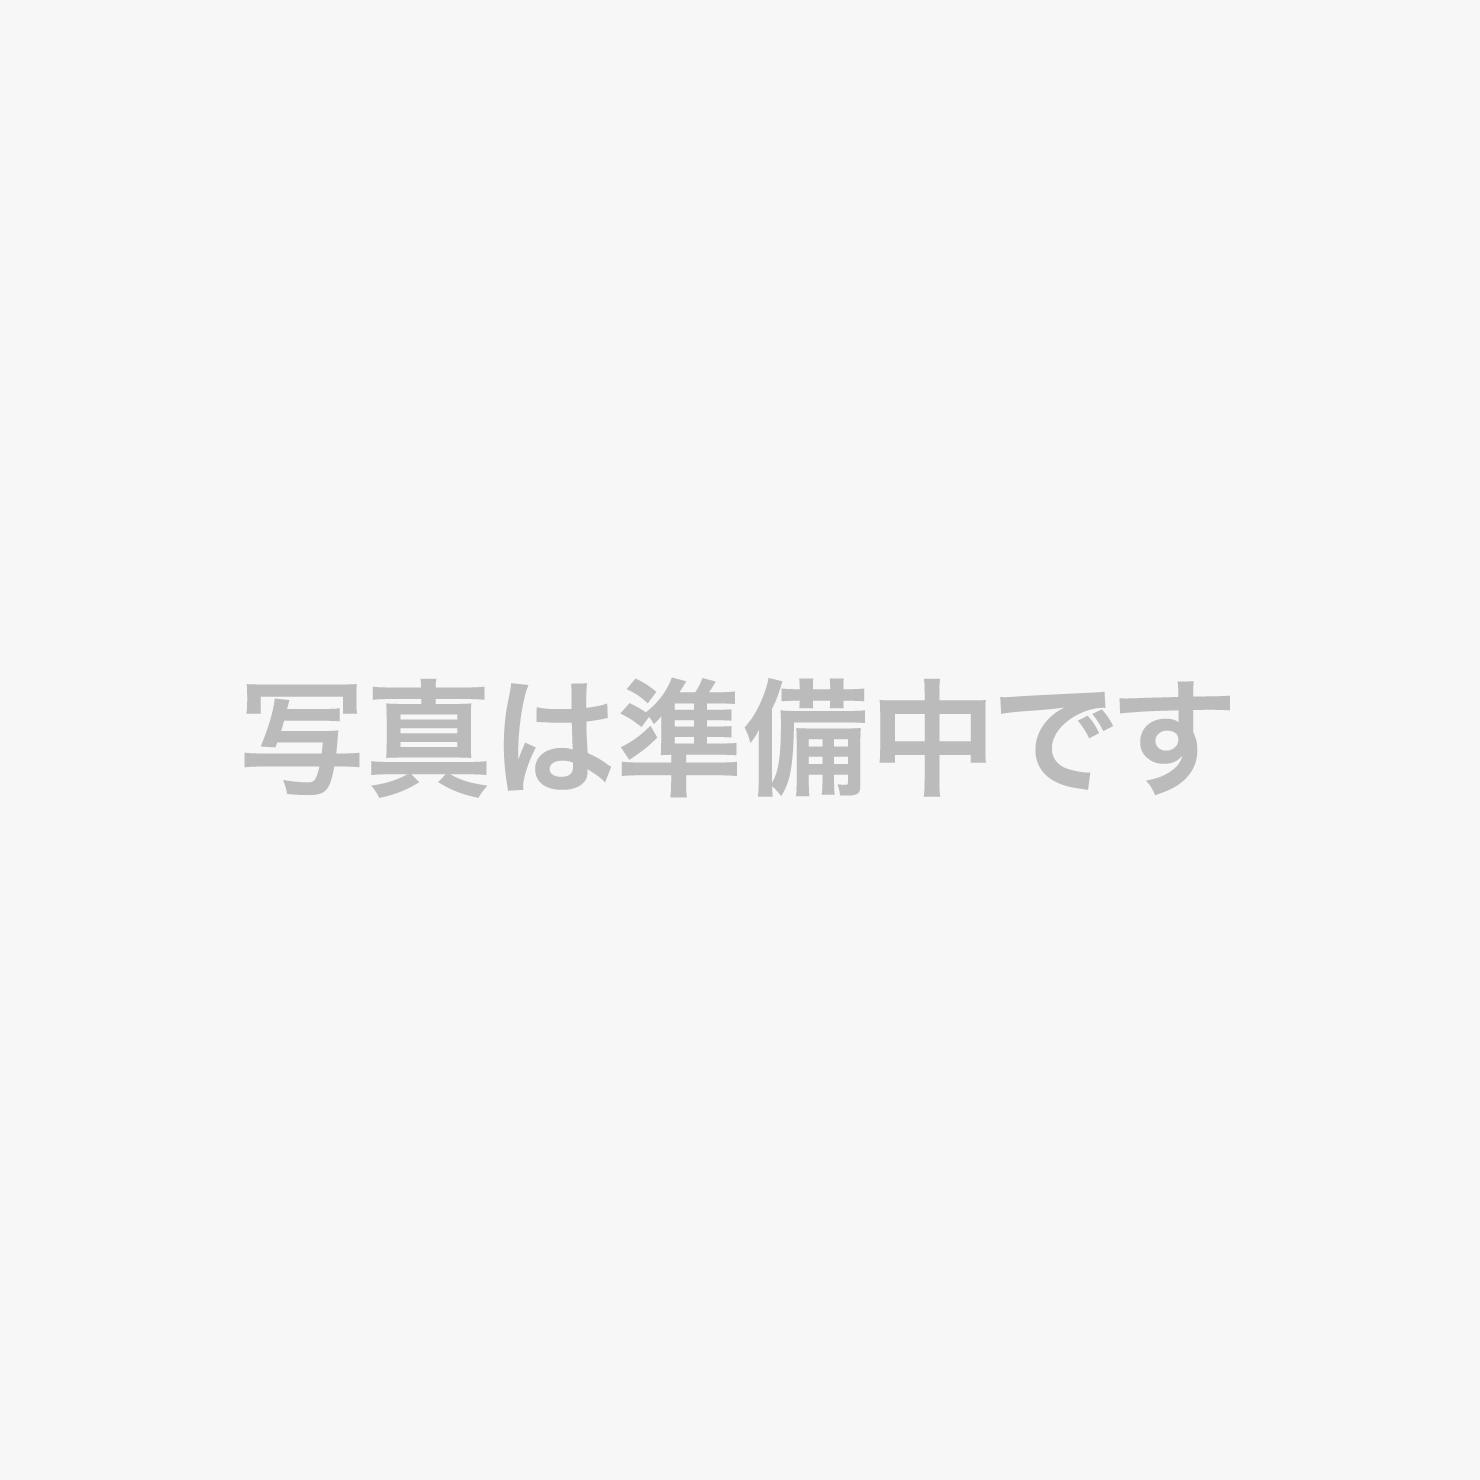 【ロイヤルグランシャリオ】焼き上がったロティサリーチキン/ライブキッチン洋食